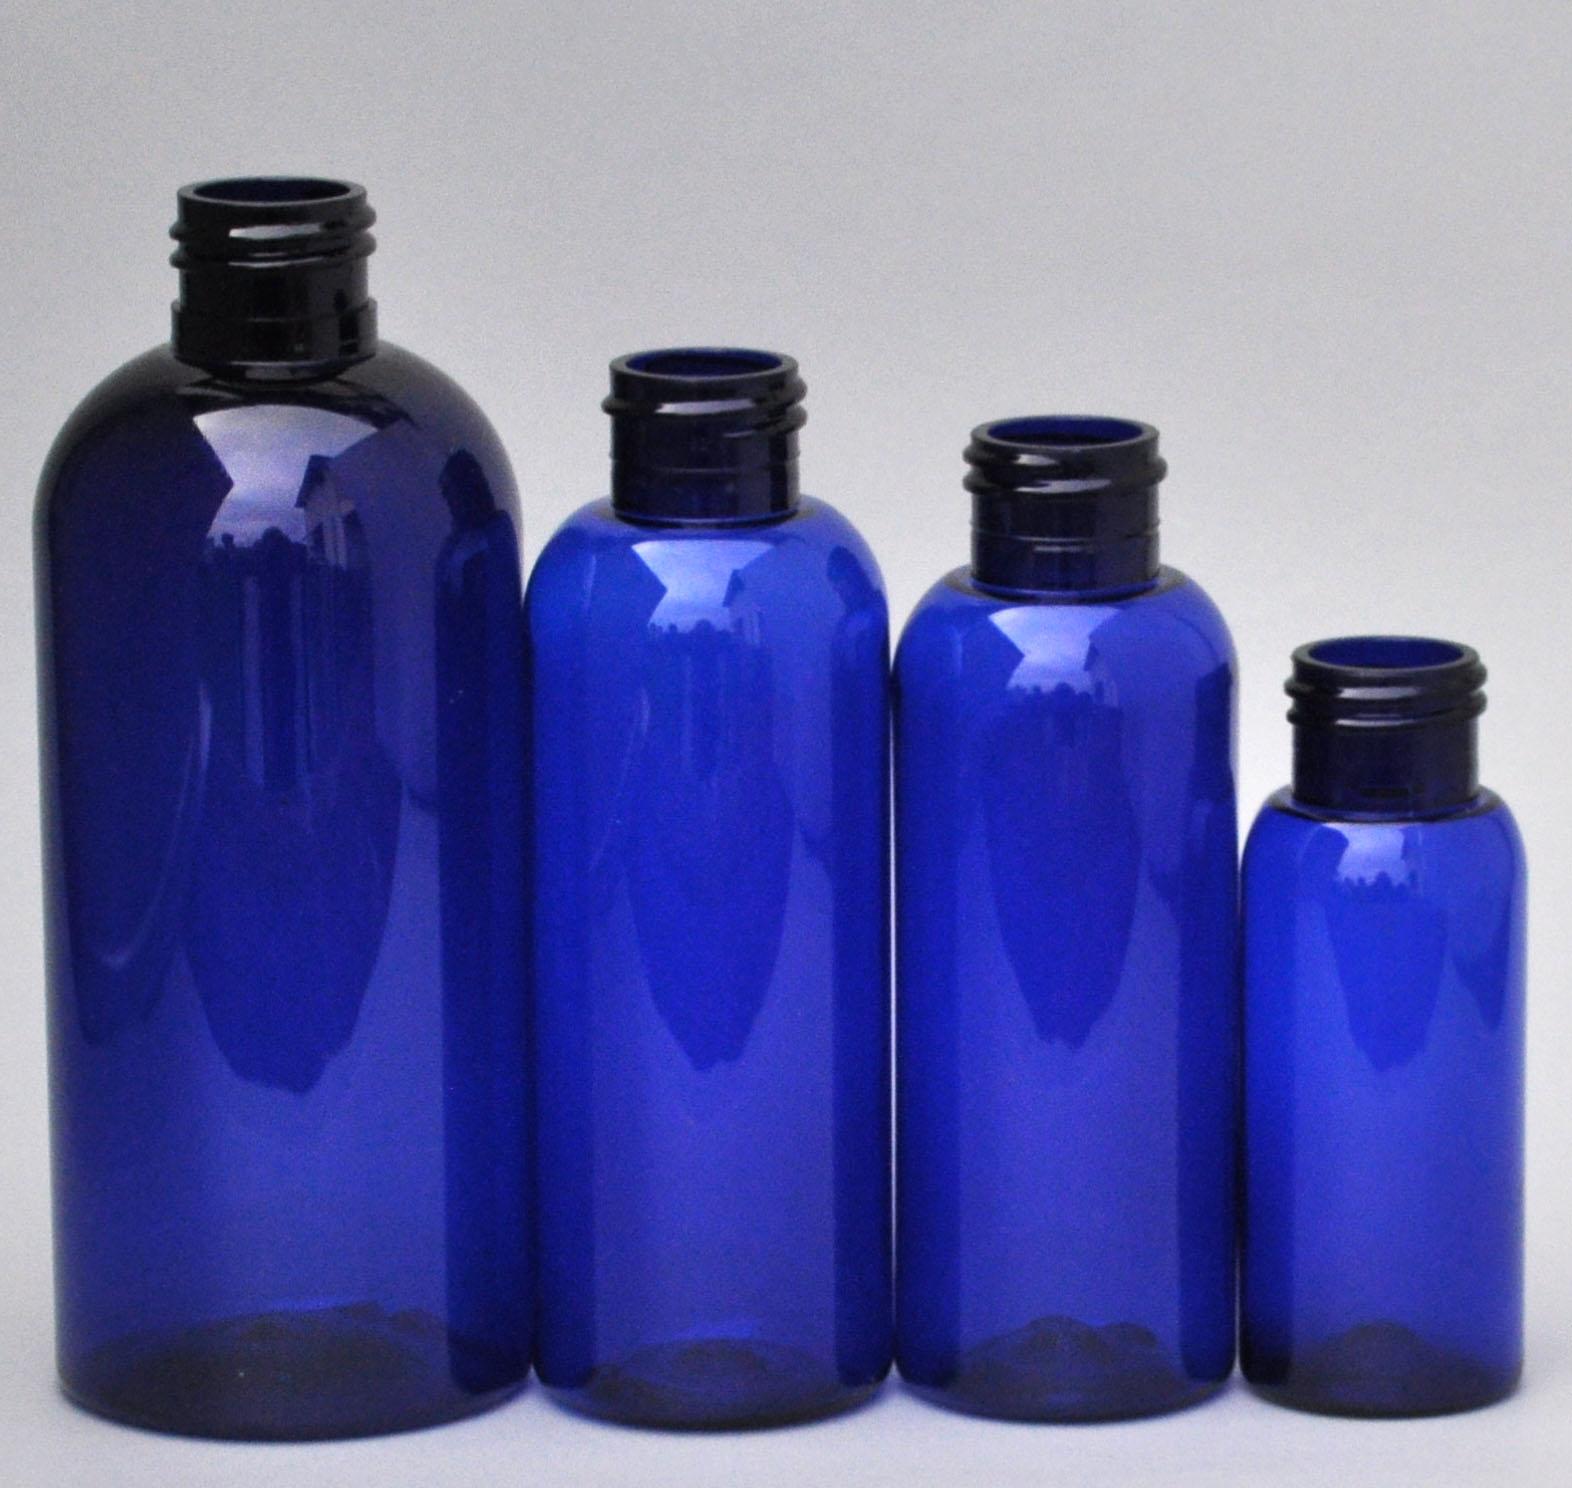 SNEP-125BPETCB-125ml Cobalt Blue PET Boston Bottle with 24/410 Neck